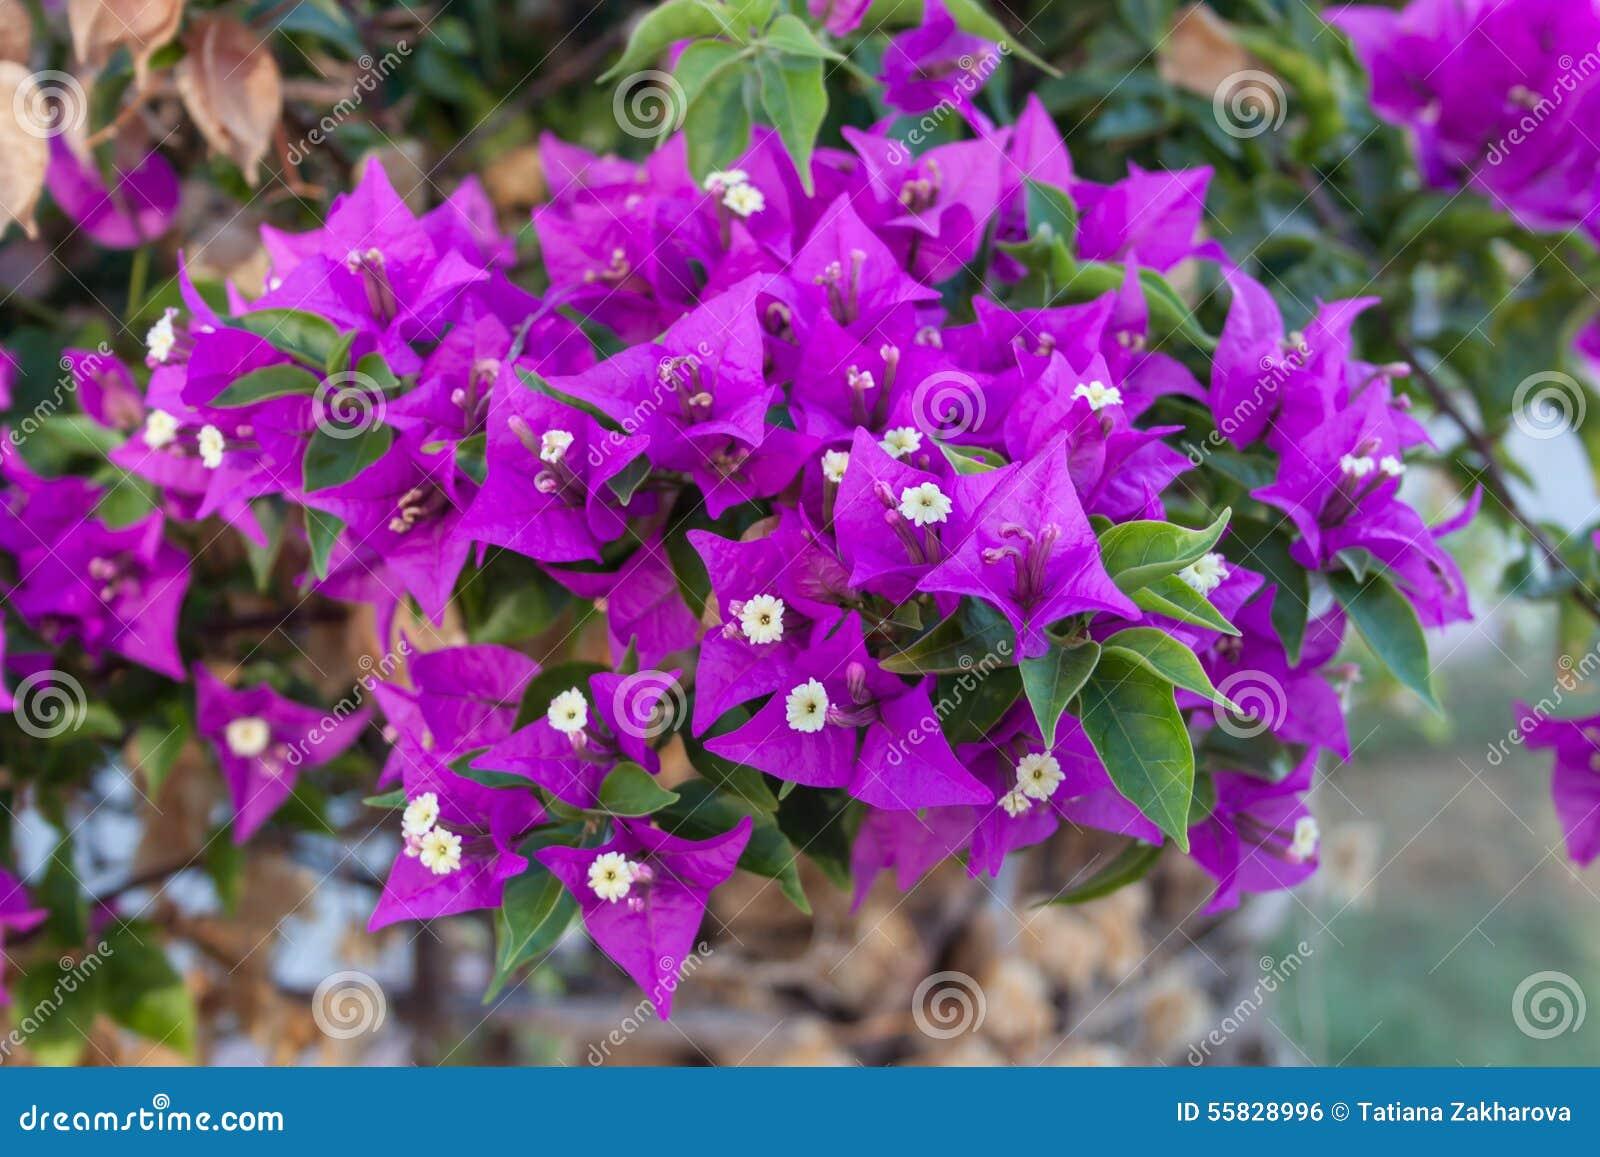 fleur du sud photo stock - image: 55828996